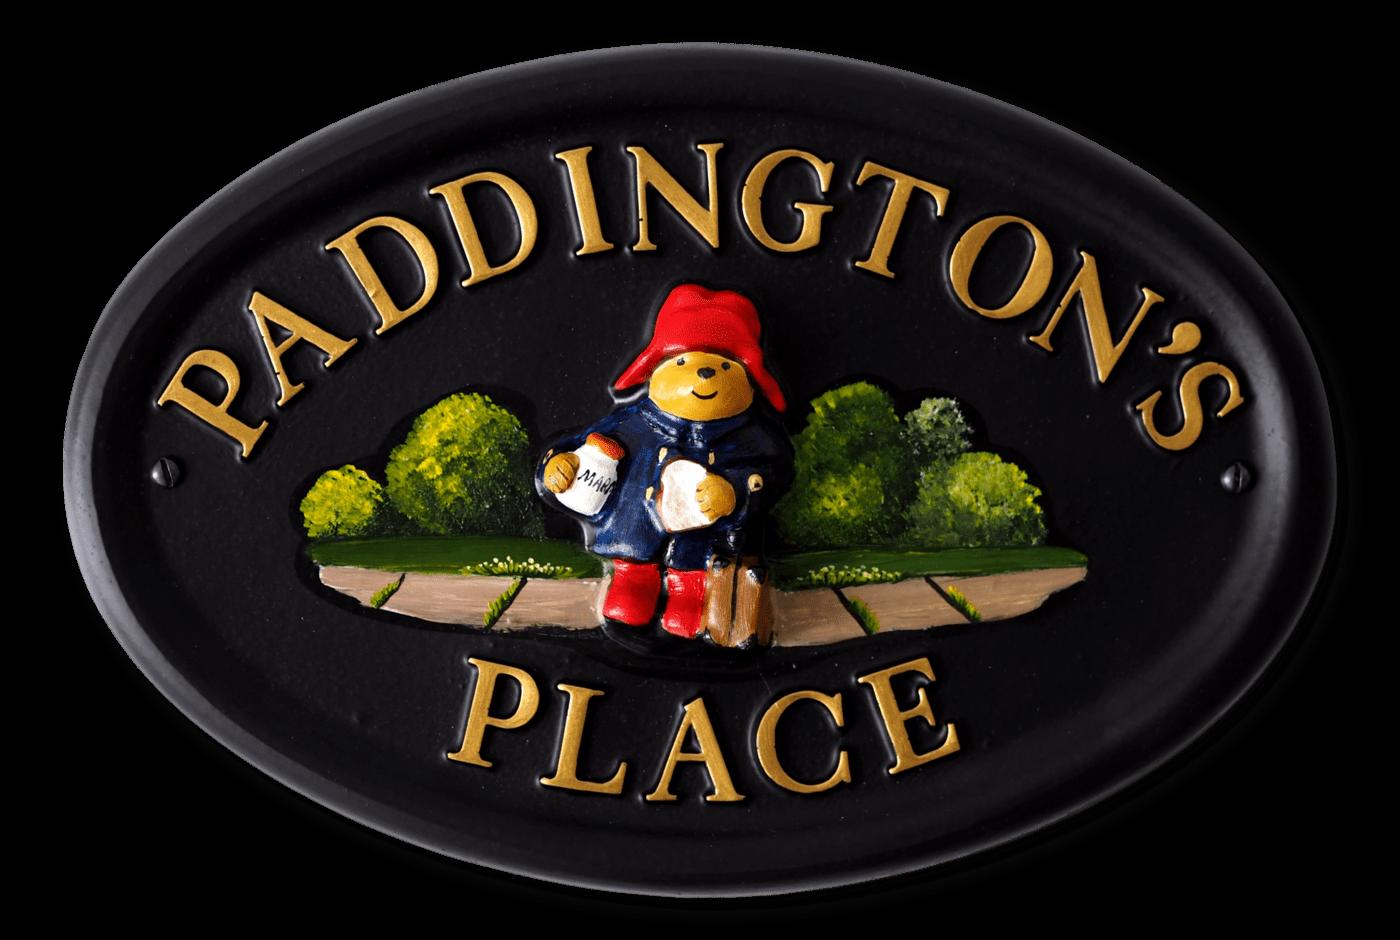 Paddington Bear house sign